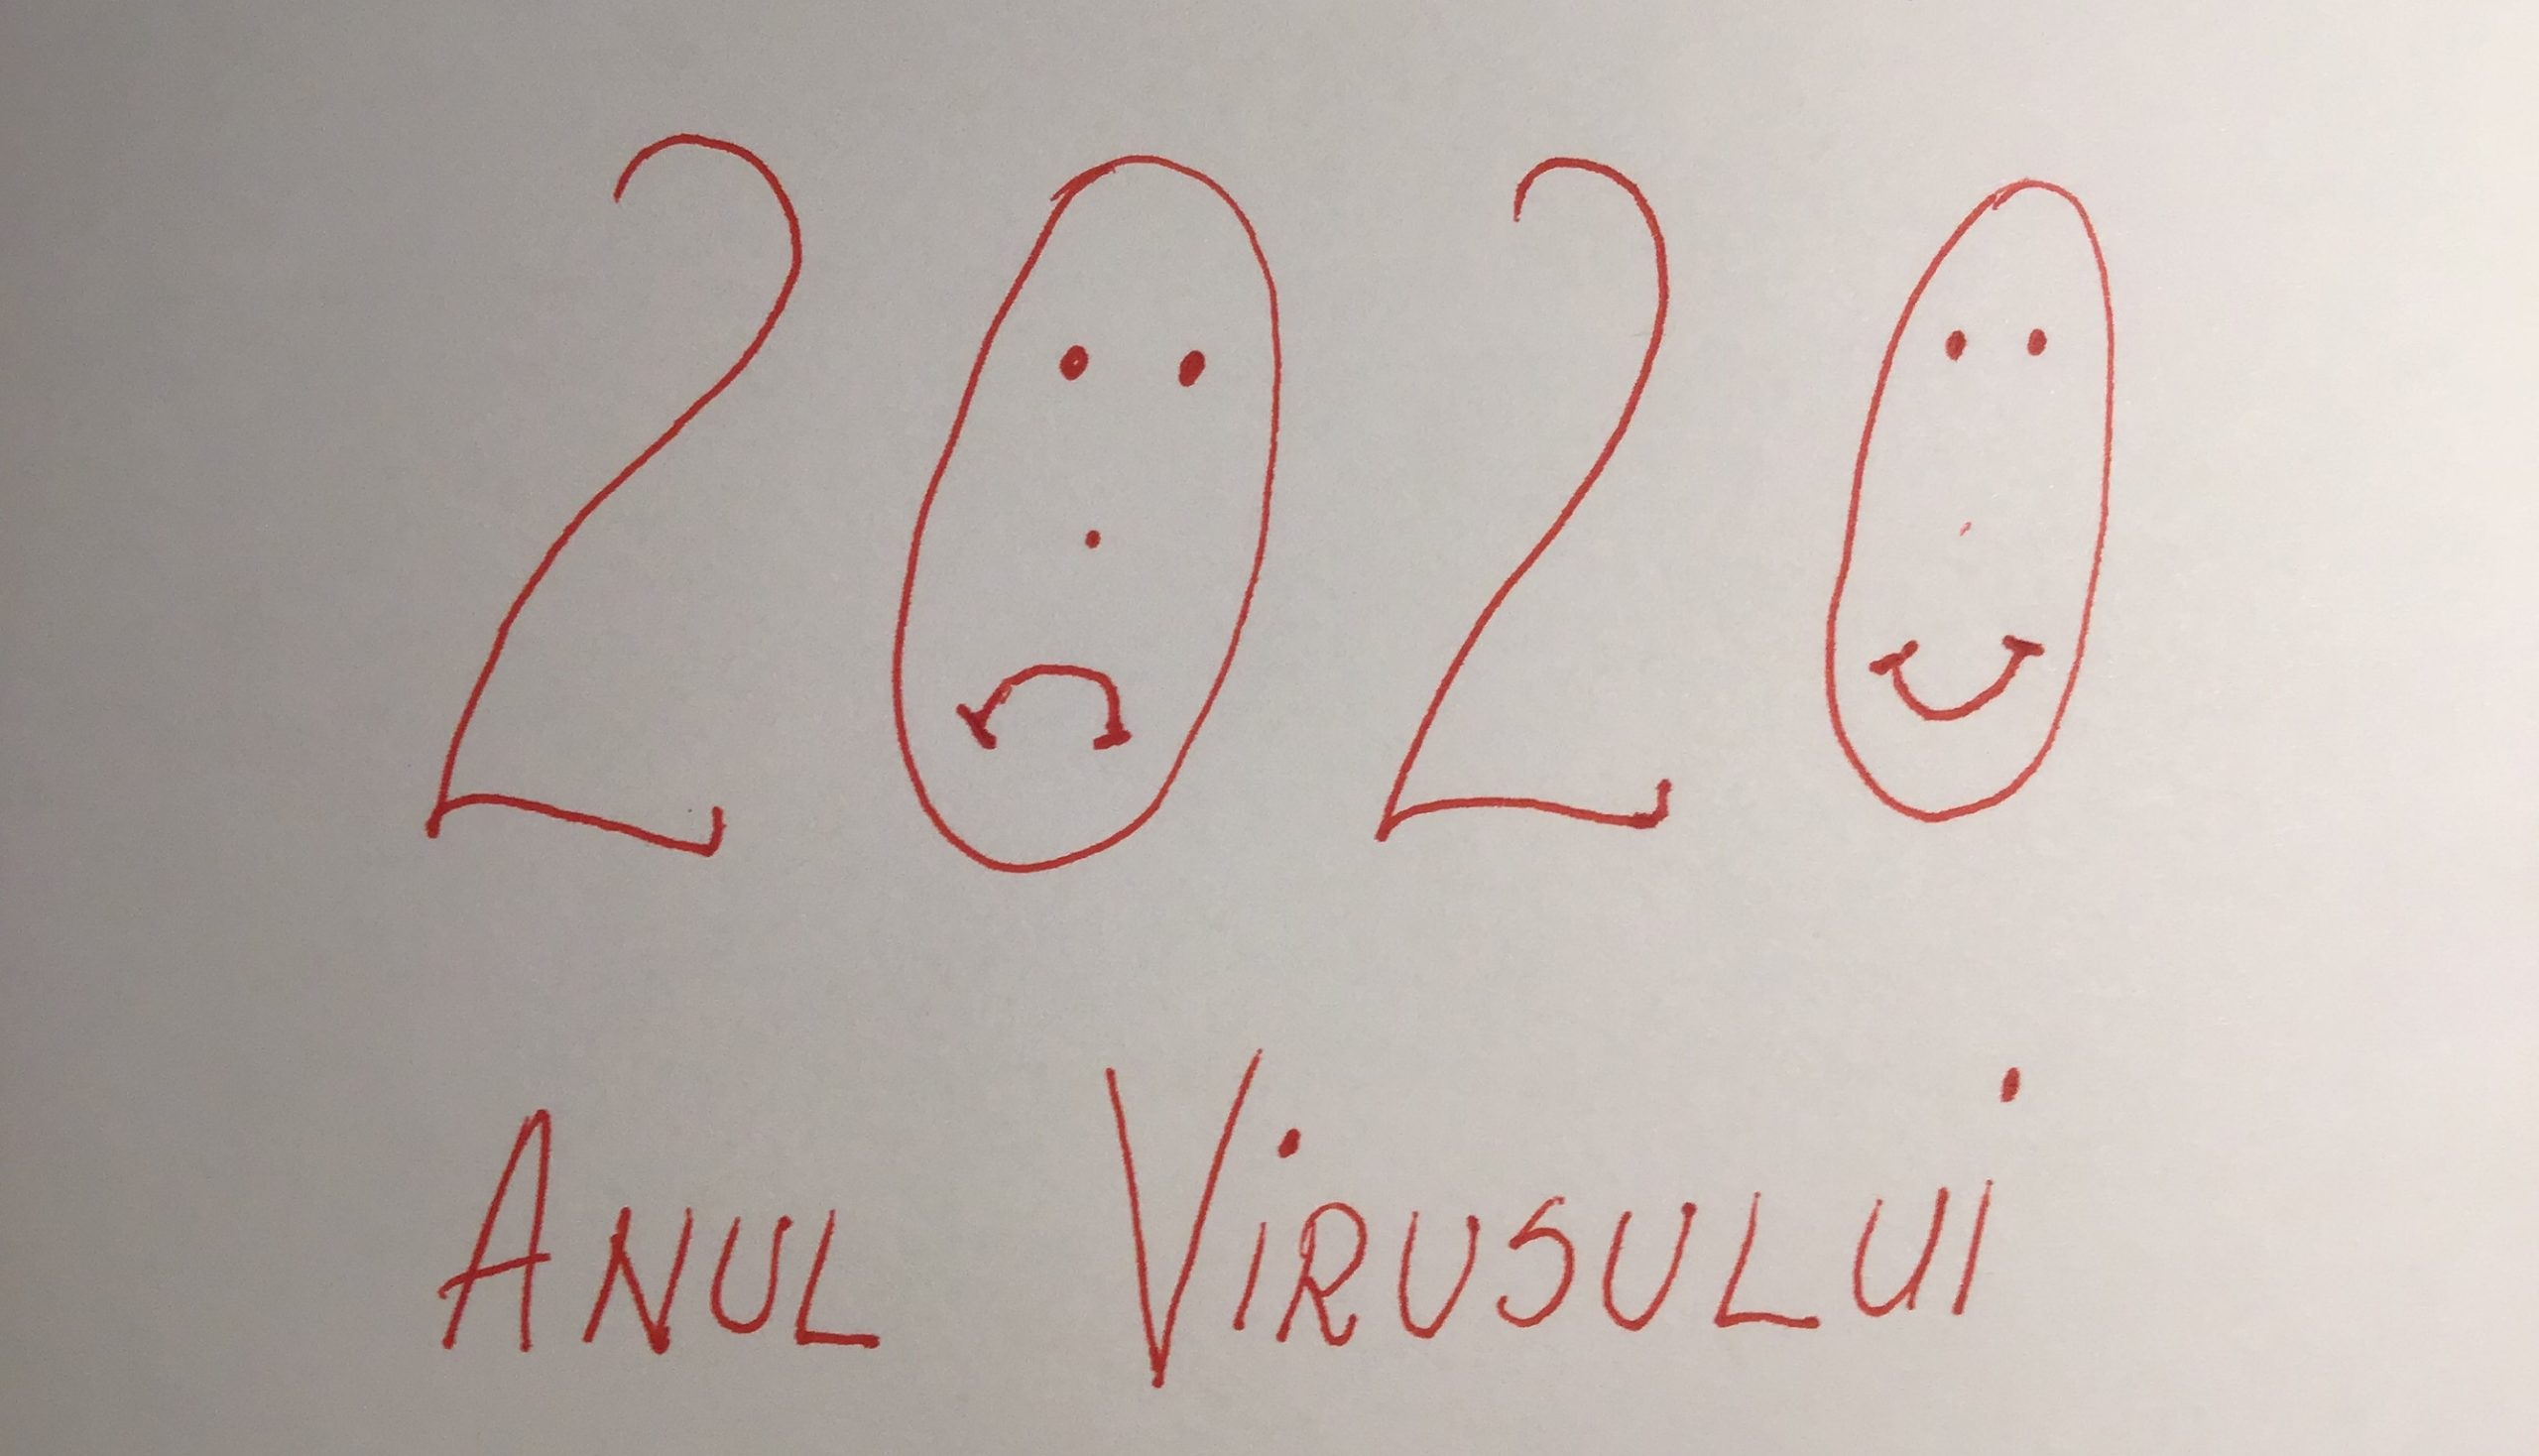 2020 Anul Virusului